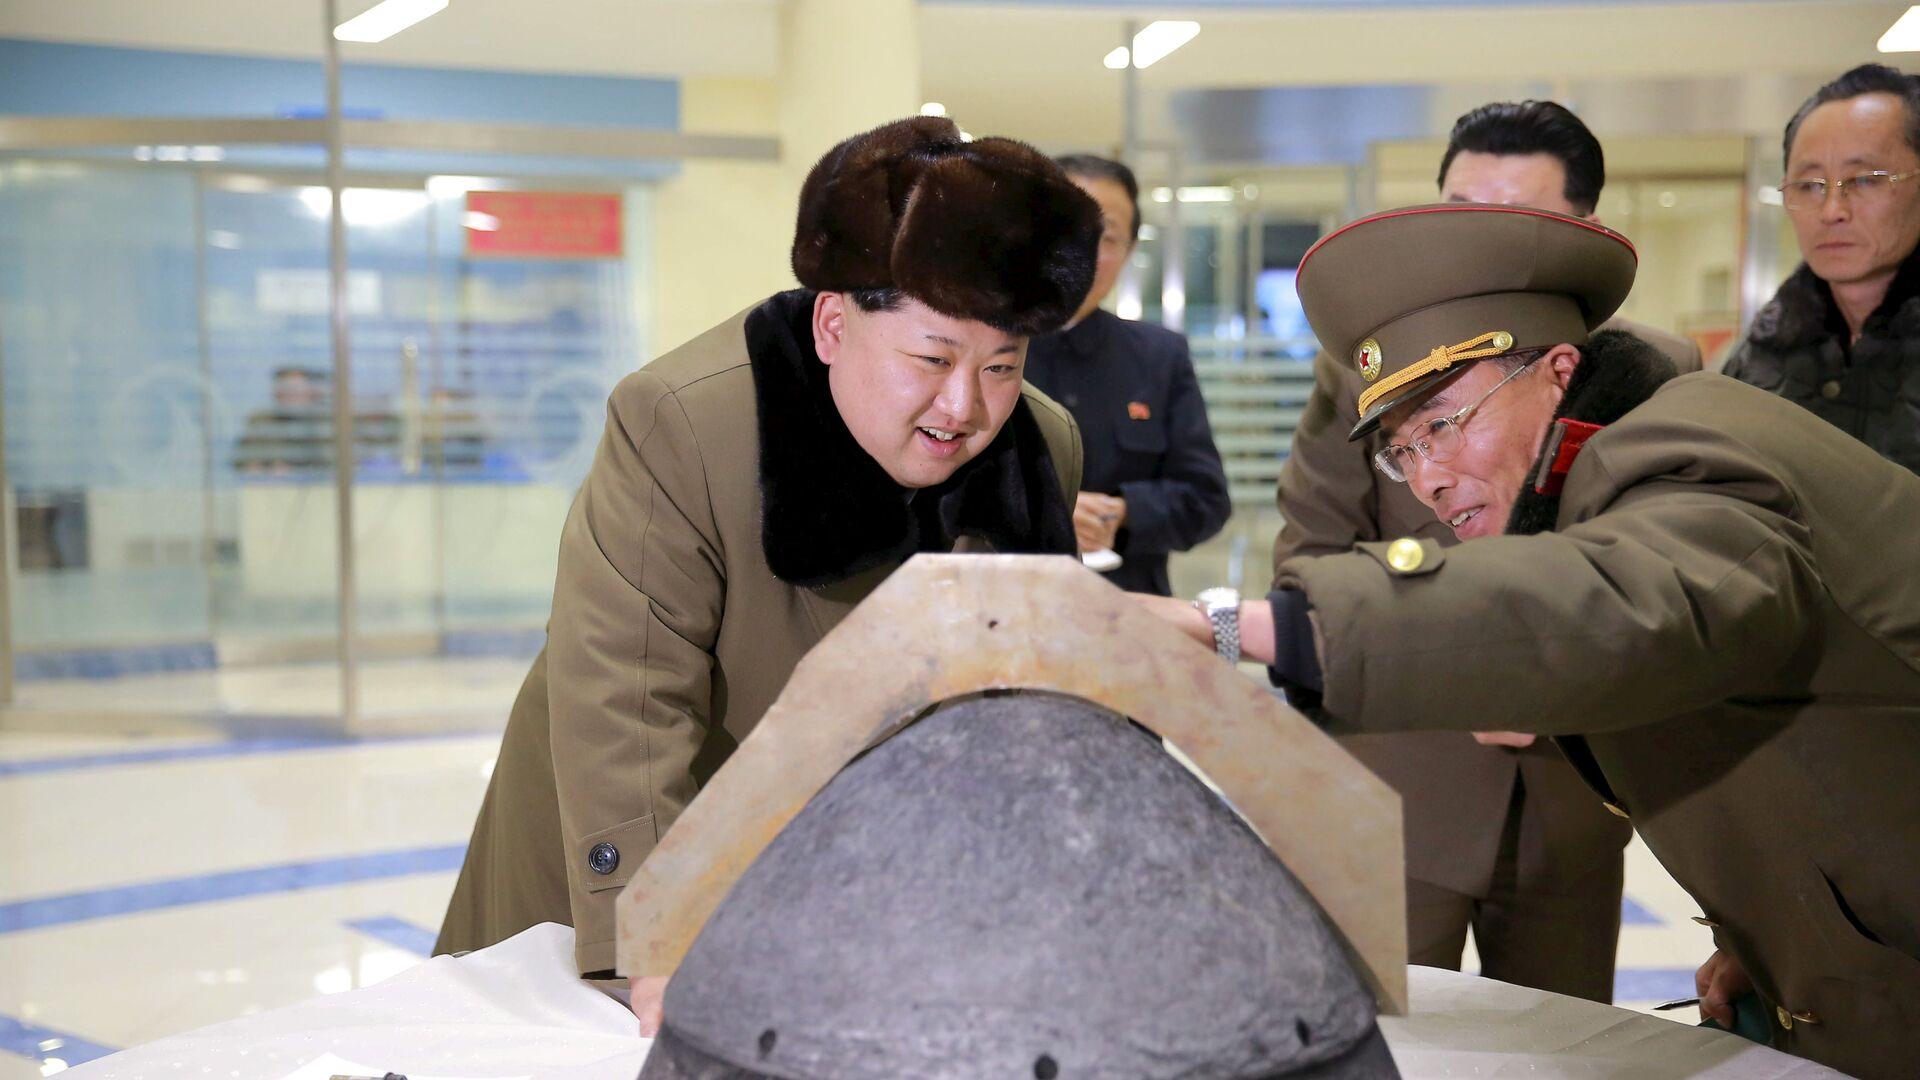 Il leader nordcoreano Kim Jong Un guarda una punta di un missile a reazione dopo un test simulato di rientro atmosferico di un missile balistico,  foto pubblicata dalla Korean Central News Agency (KCNA) della Corea del Nord a Pyongyang. - Sputnik Italia, 1920, 15.09.2021